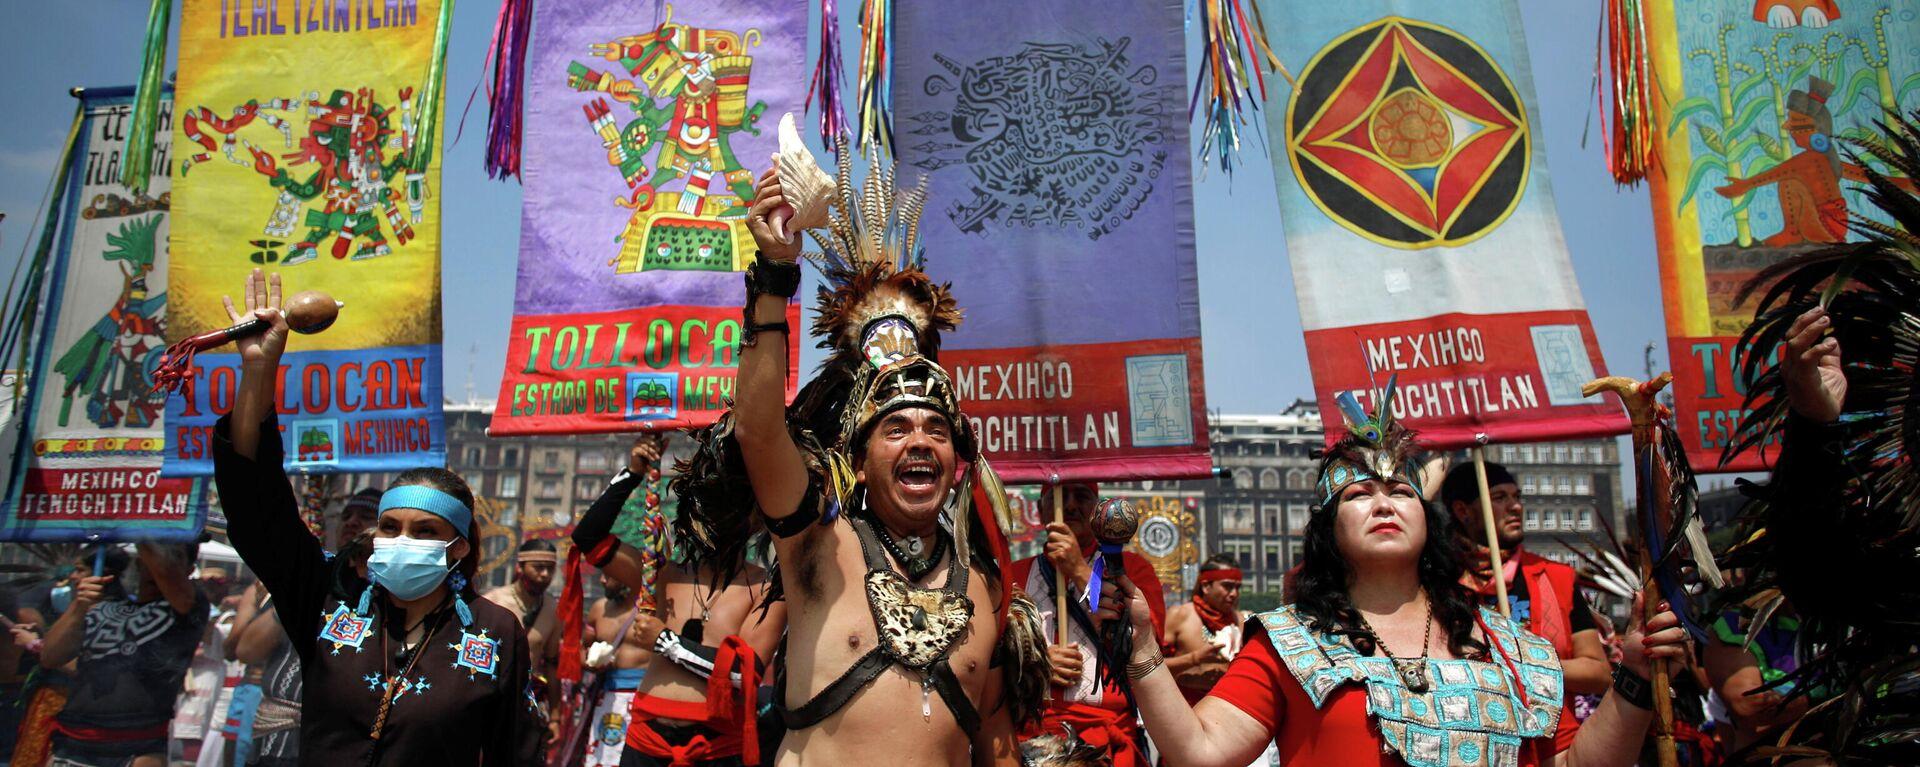 México conmemora los 500 años de la caída de Tenochtitlán - Sputnik Mundo, 1920, 13.08.2021